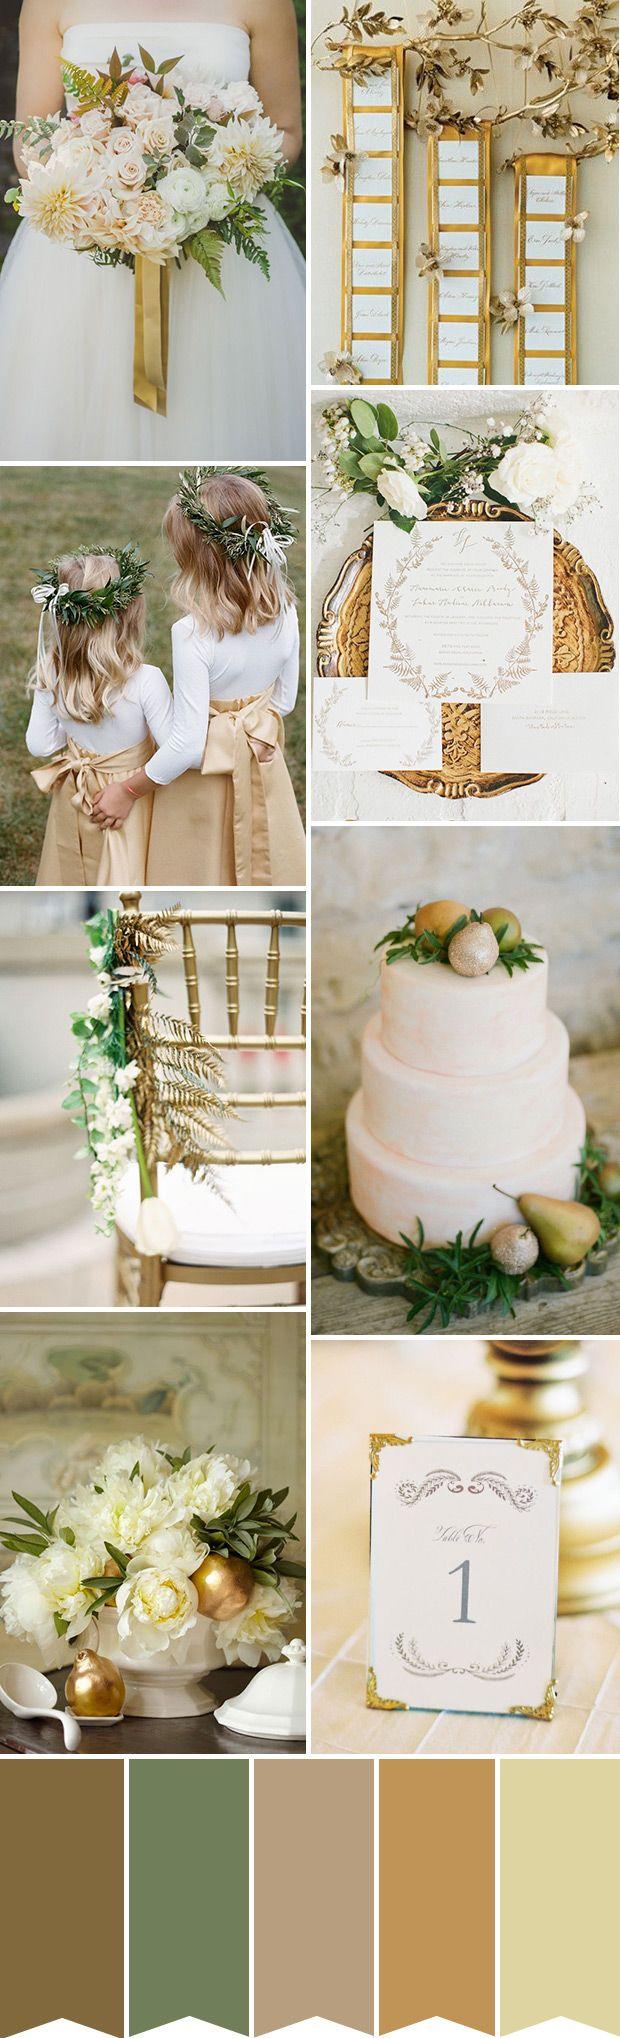 Paleta de cores do casamento glamoroso ouro | www.onefabday.com